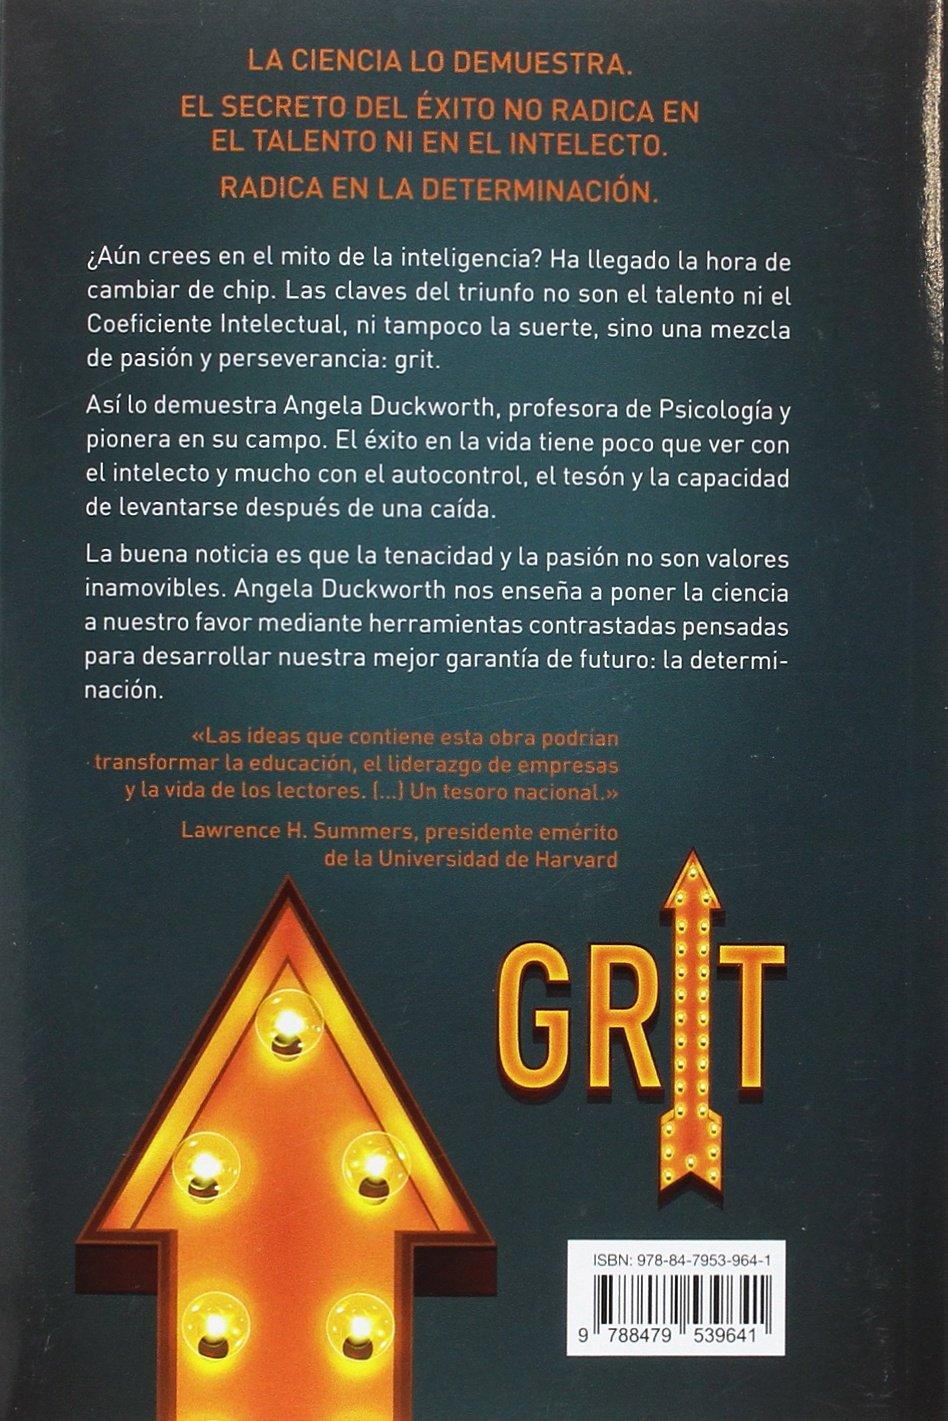 Grit spanish edition angela duckworth 9788479539641 amazon grit spanish edition angela duckworth 9788479539641 amazon books fandeluxe Images